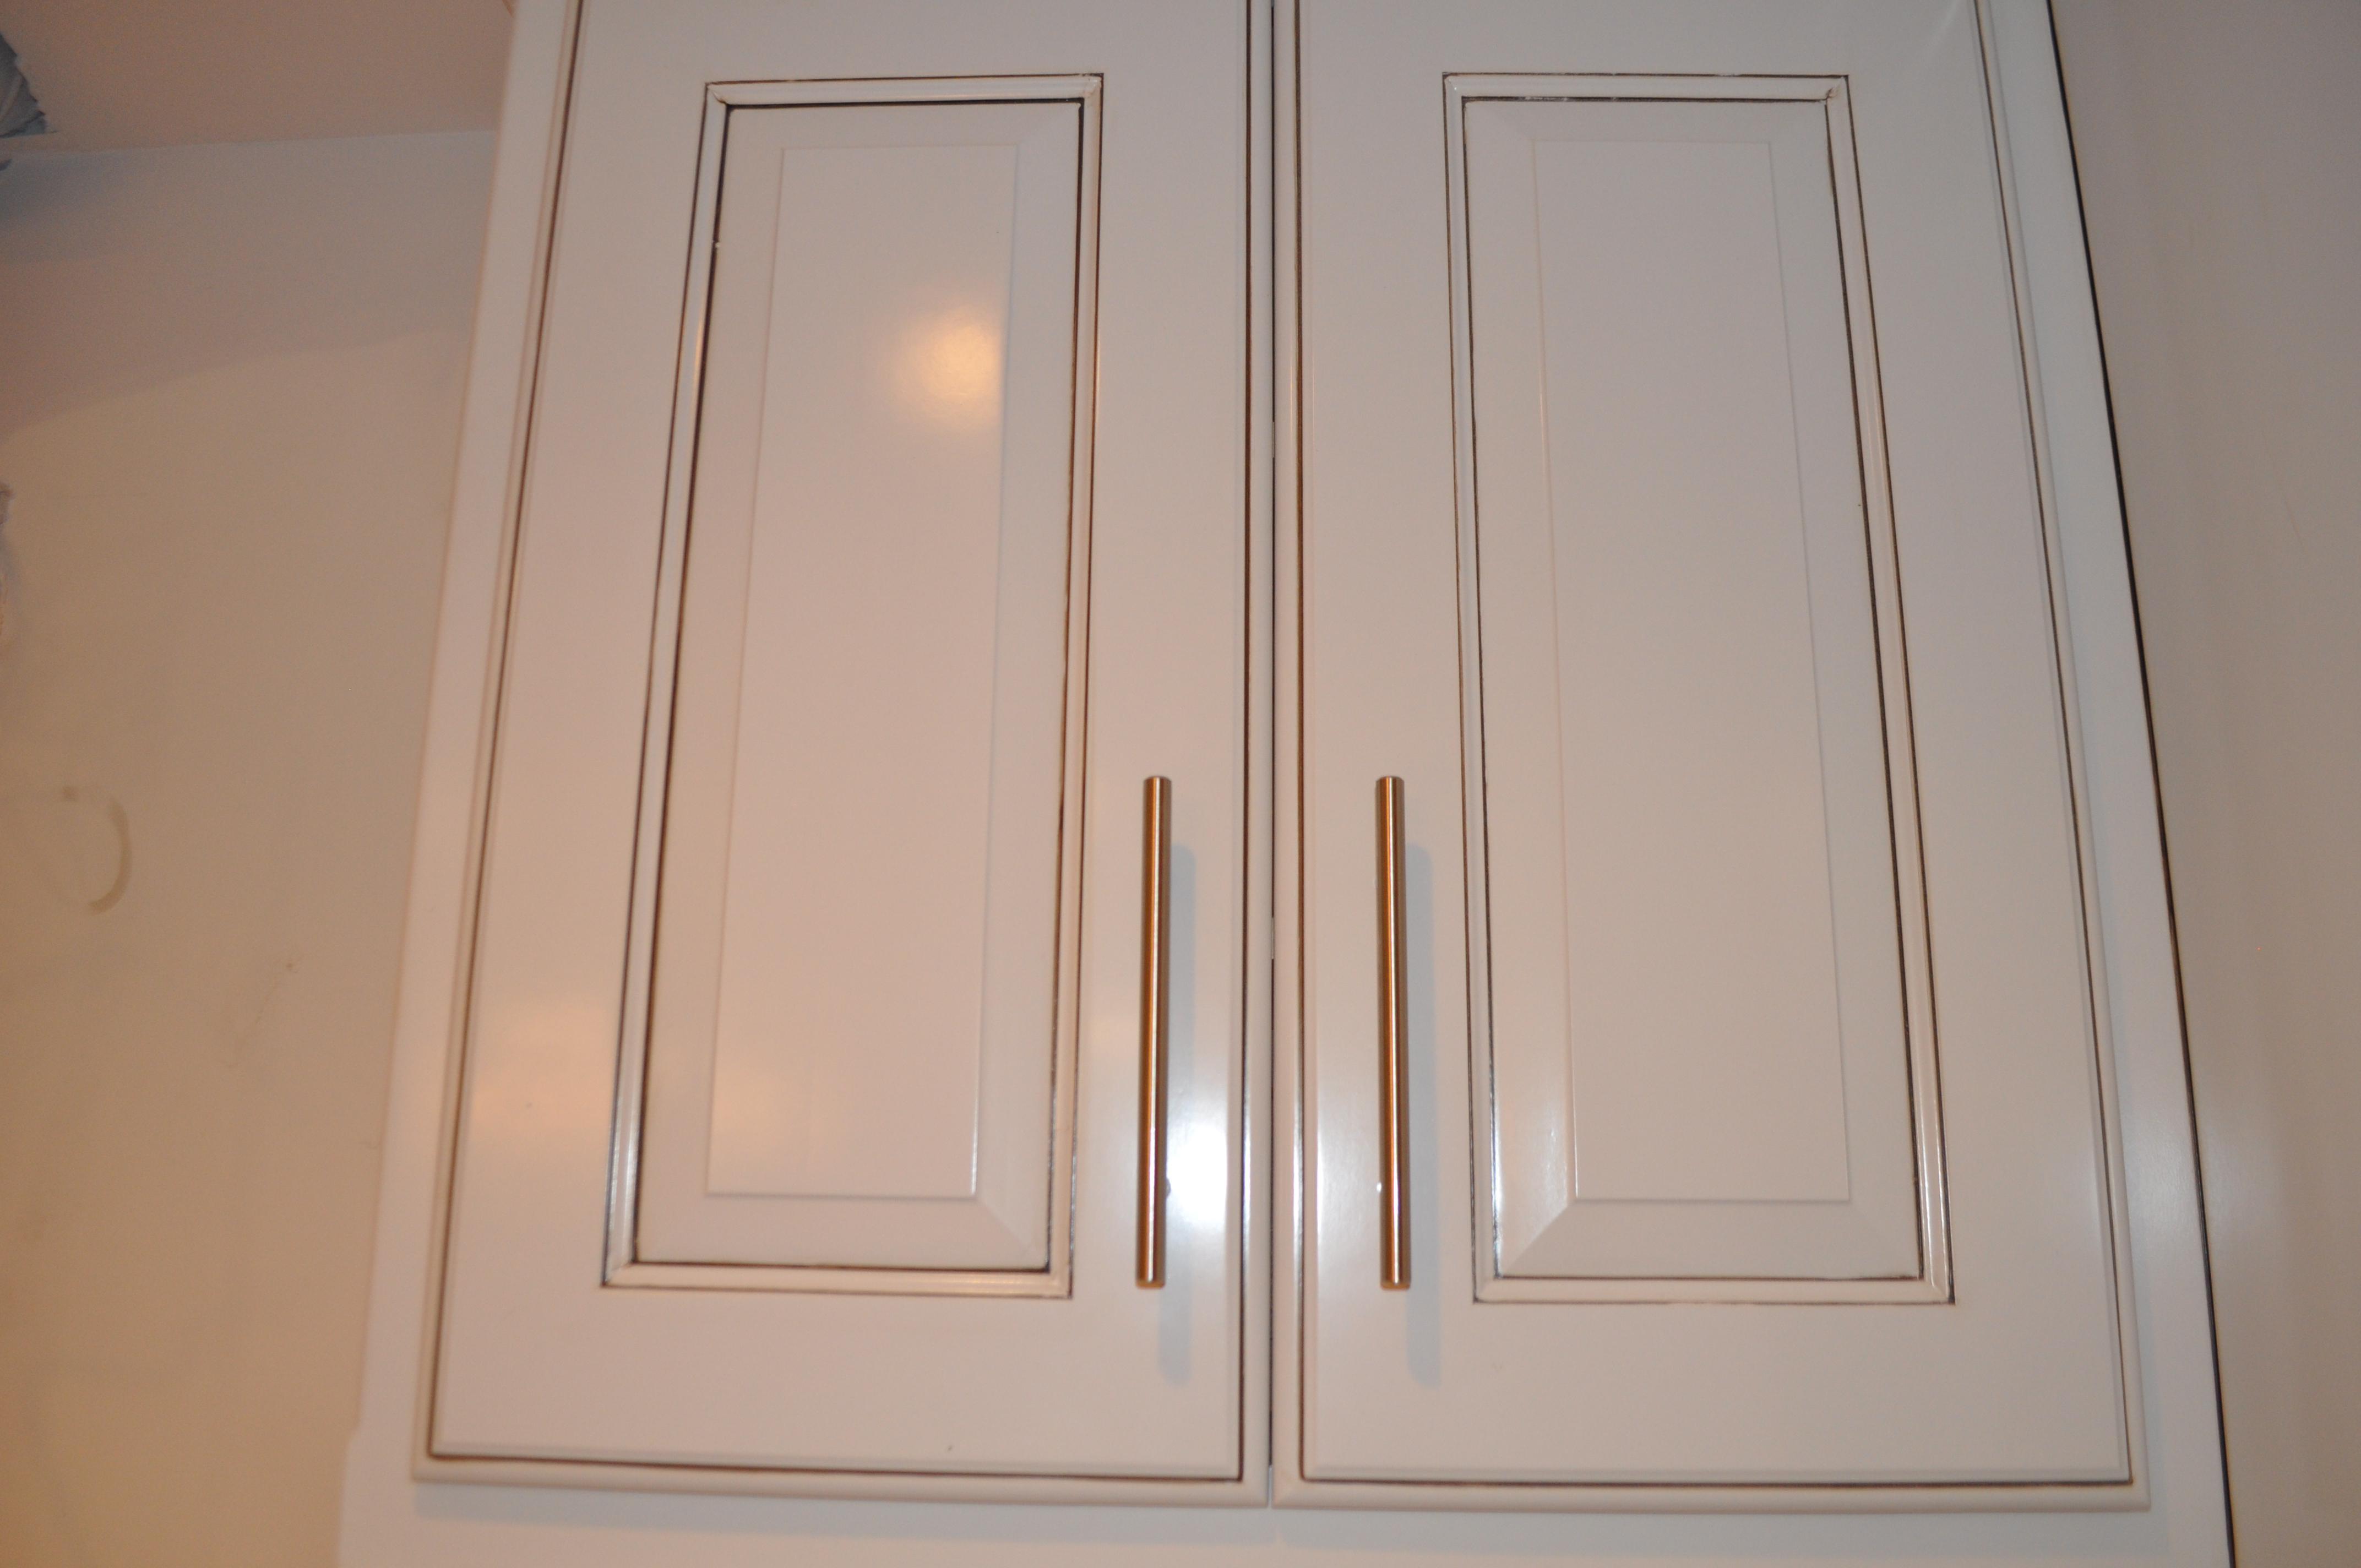 kitchen cabinets door knobs kitchen cabinets handles Amazing Kitchen CabiDoor Handles